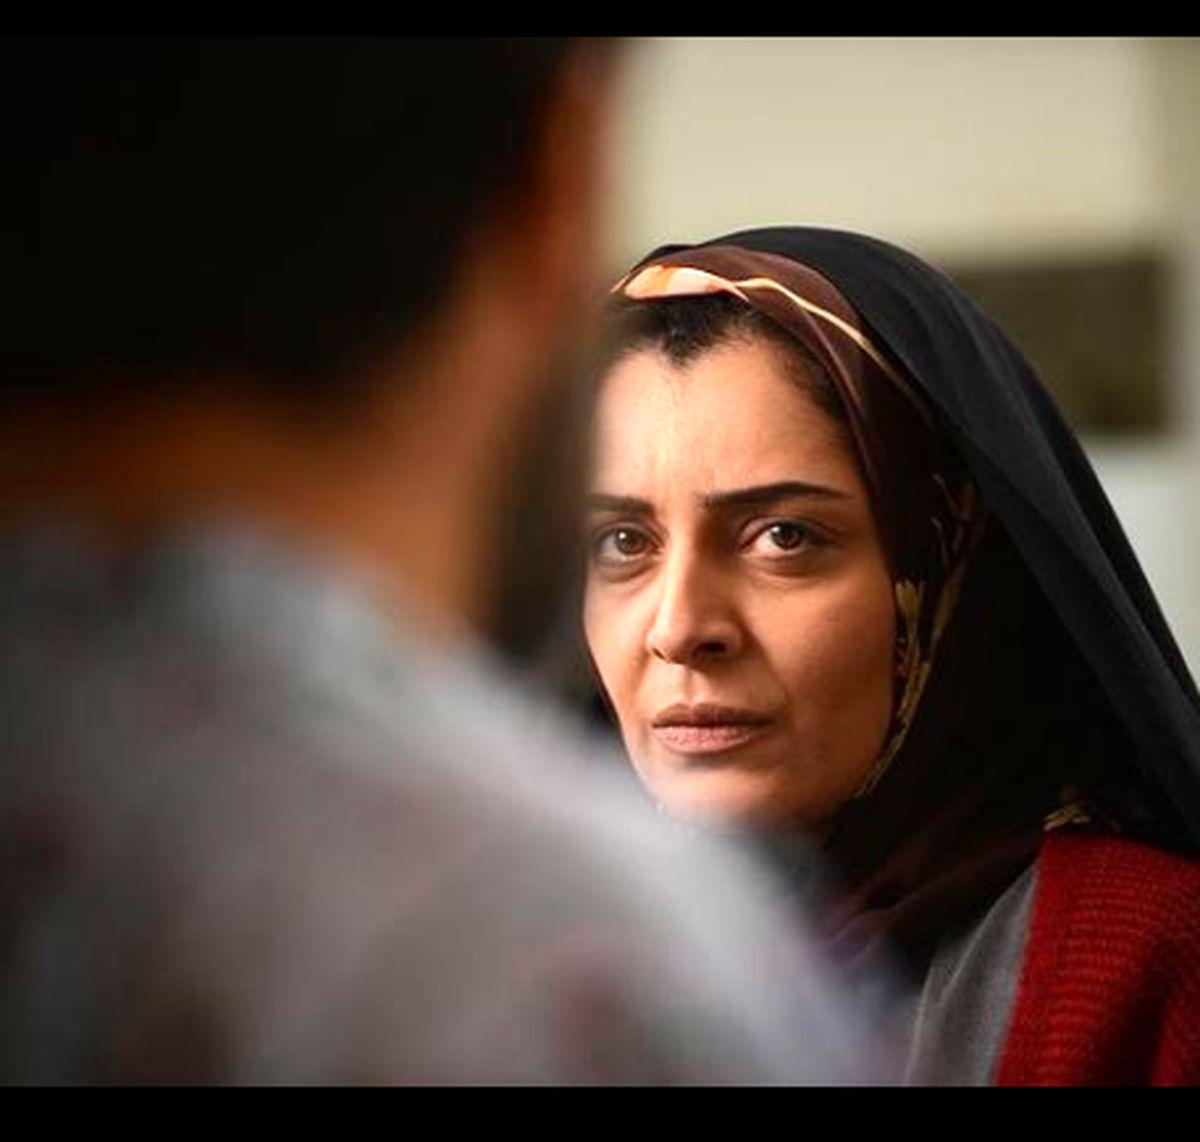 فیس جدید ساره بیات در اینستاگرام/ تصاویر دیده نشده